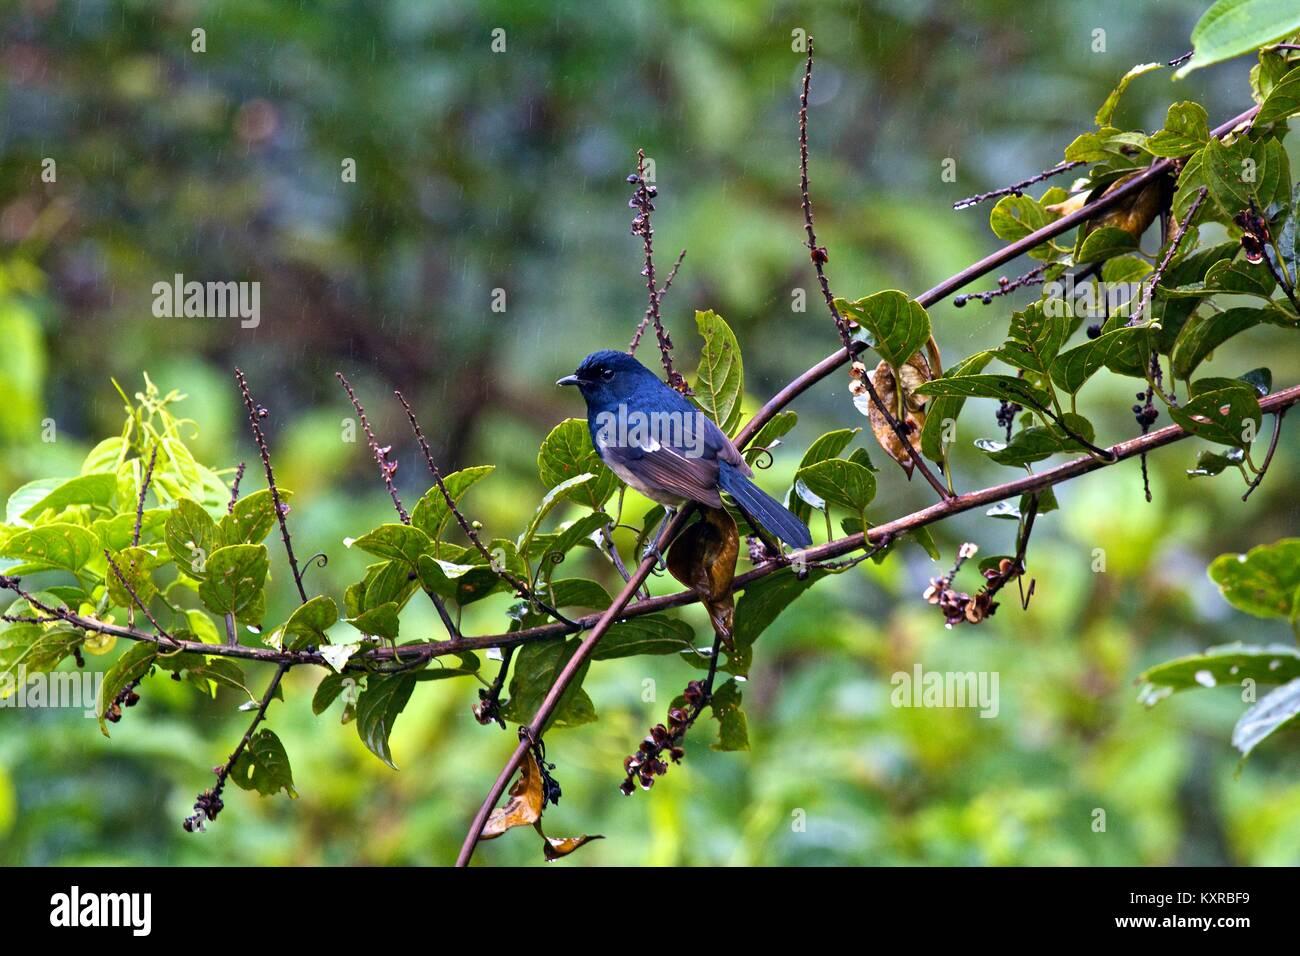 Madagascar Magpie-Robin (Copsychus albospecularis pica), Ranomafana N.P. Madagascar. - Stock Image